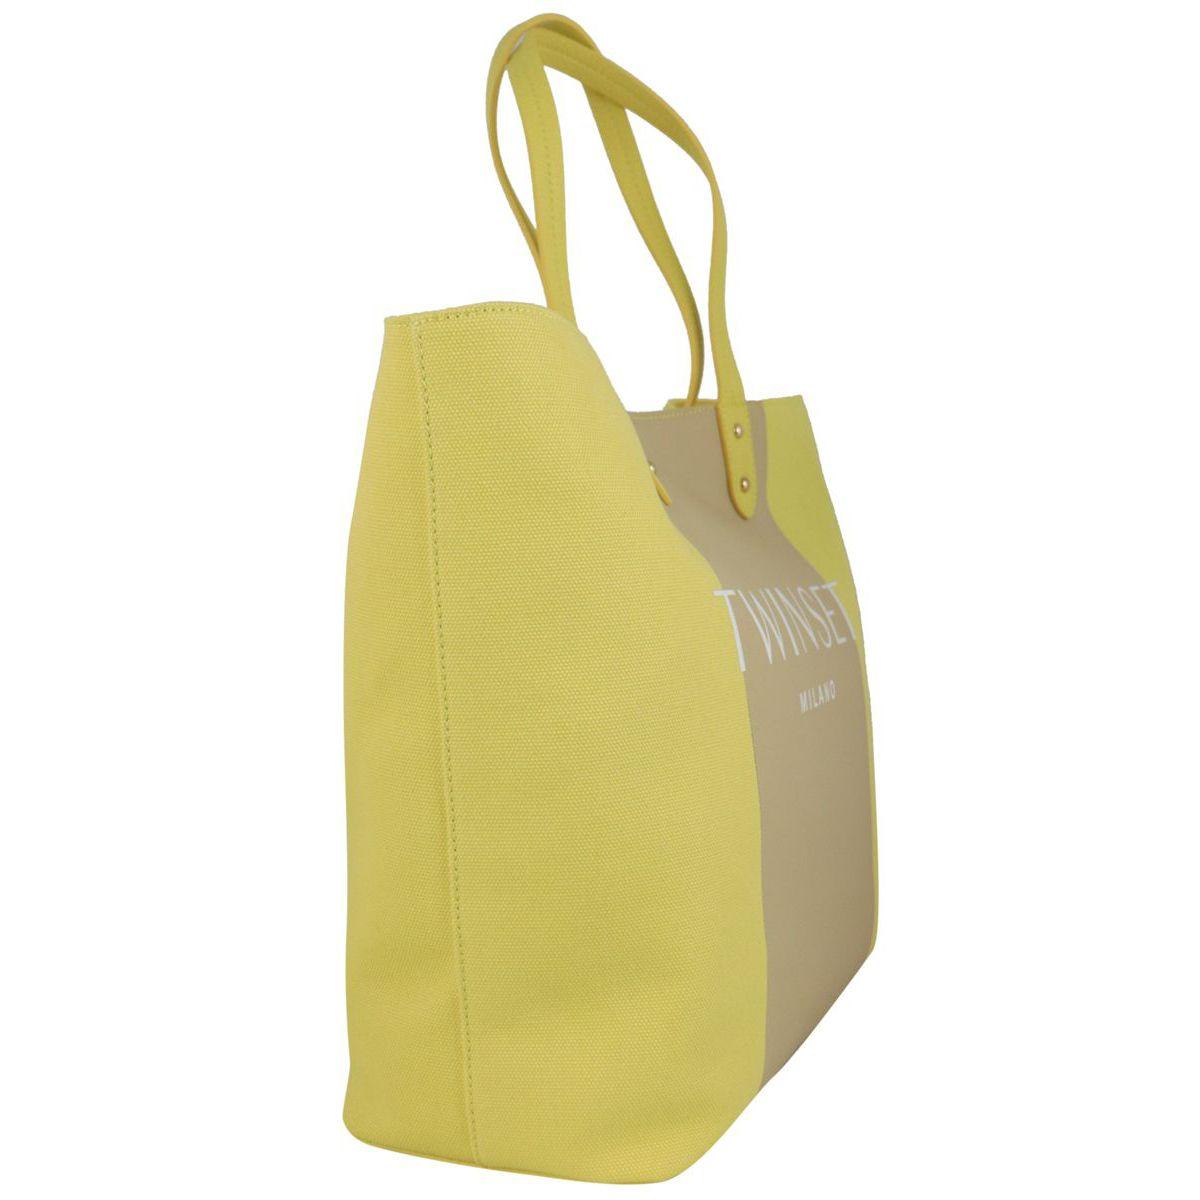 Borsa shopping in cotone bicolor con logo Lime Twin-Set